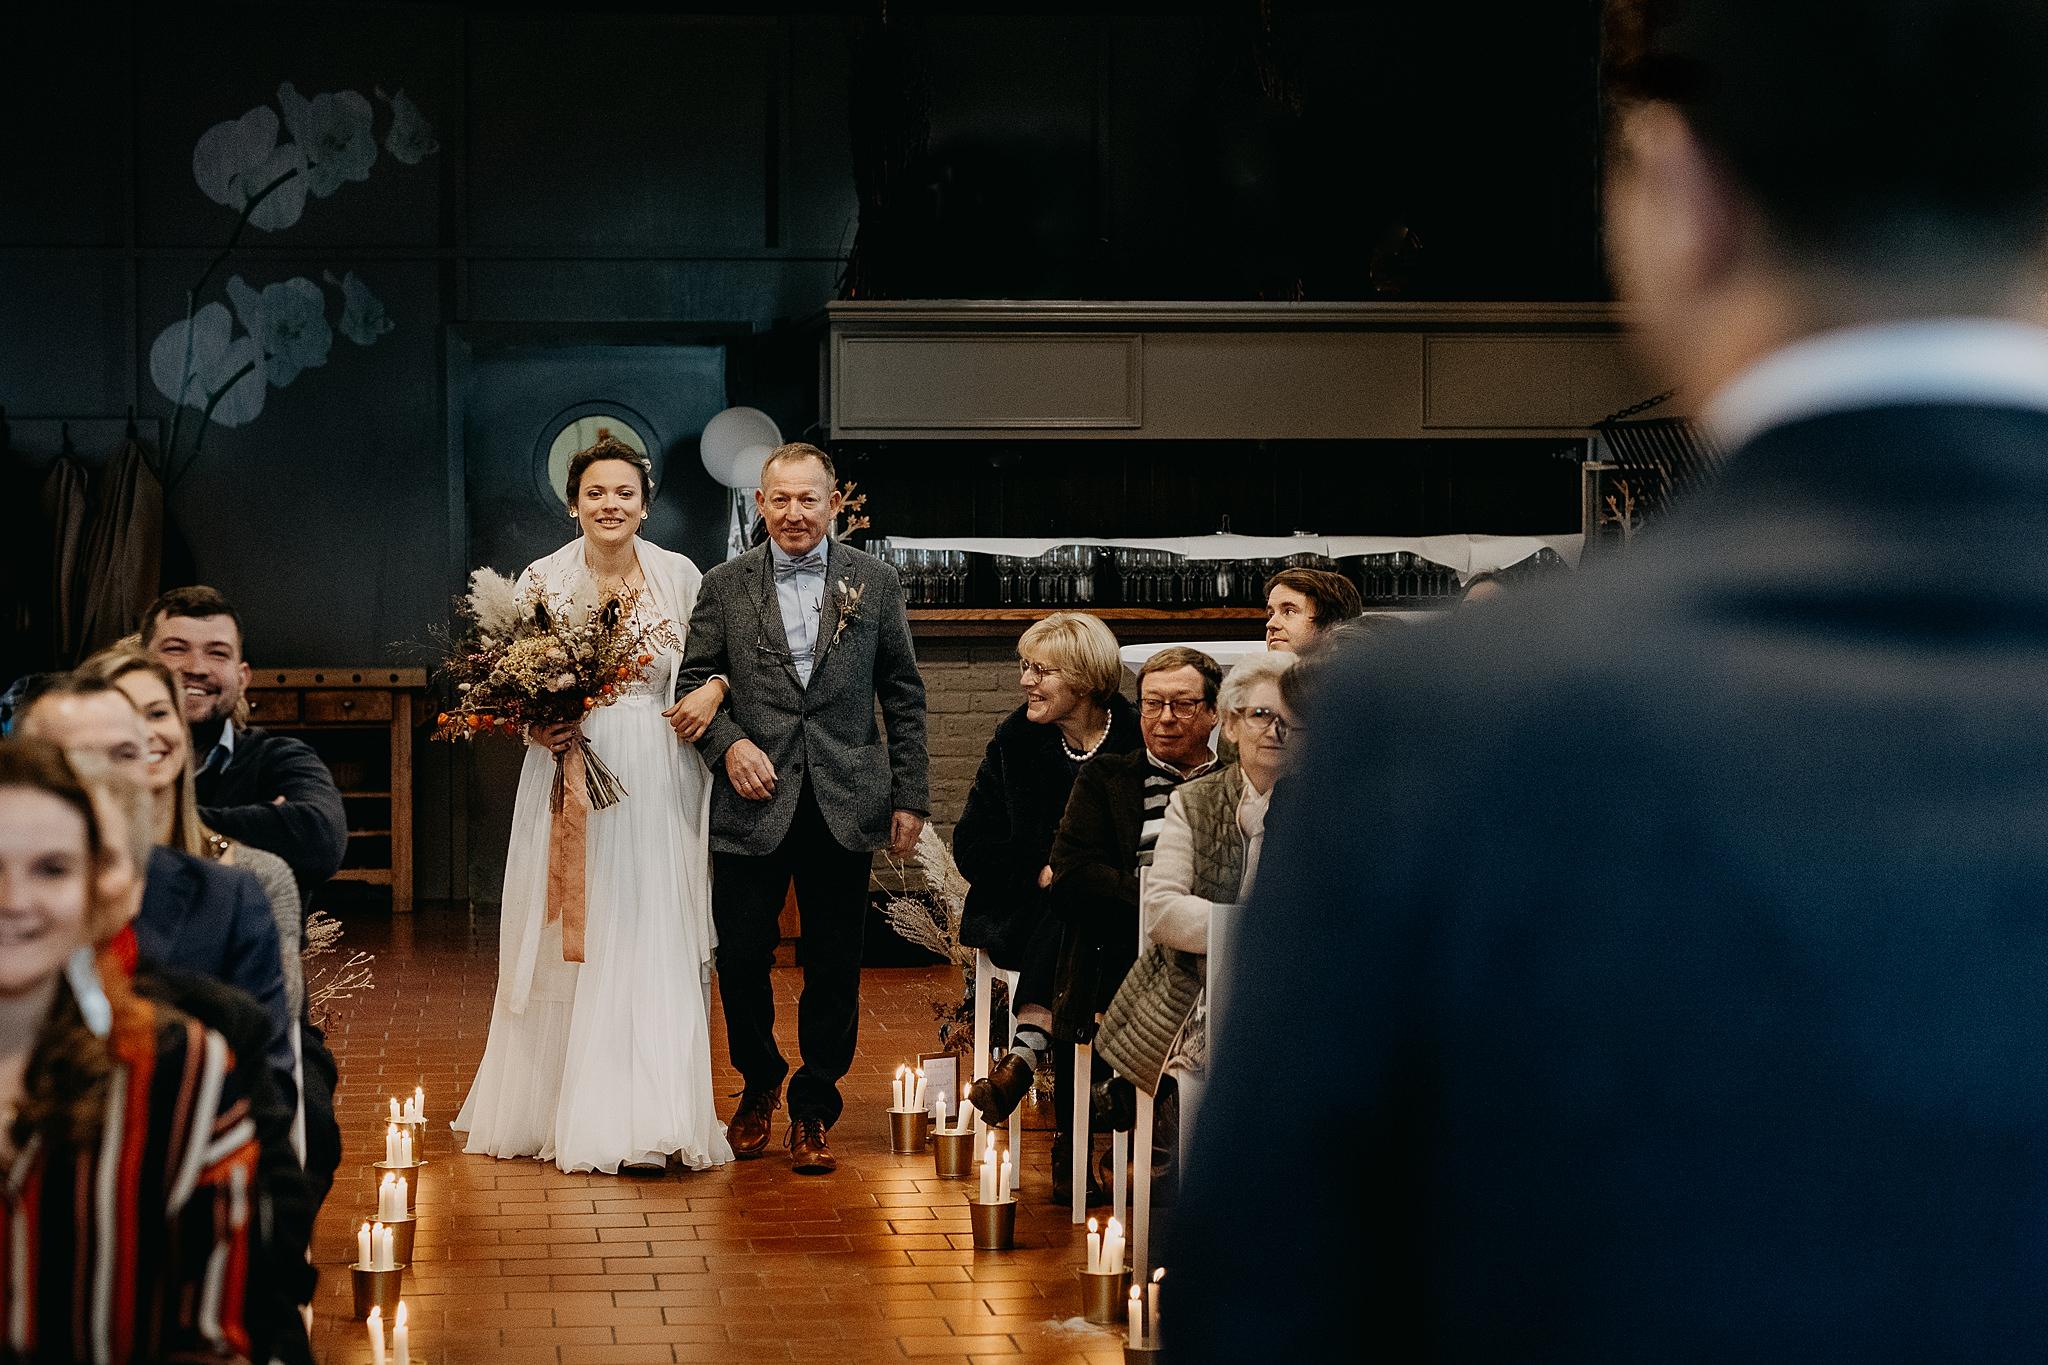 Aulnenhof intrede bruid vader binnenceremonie